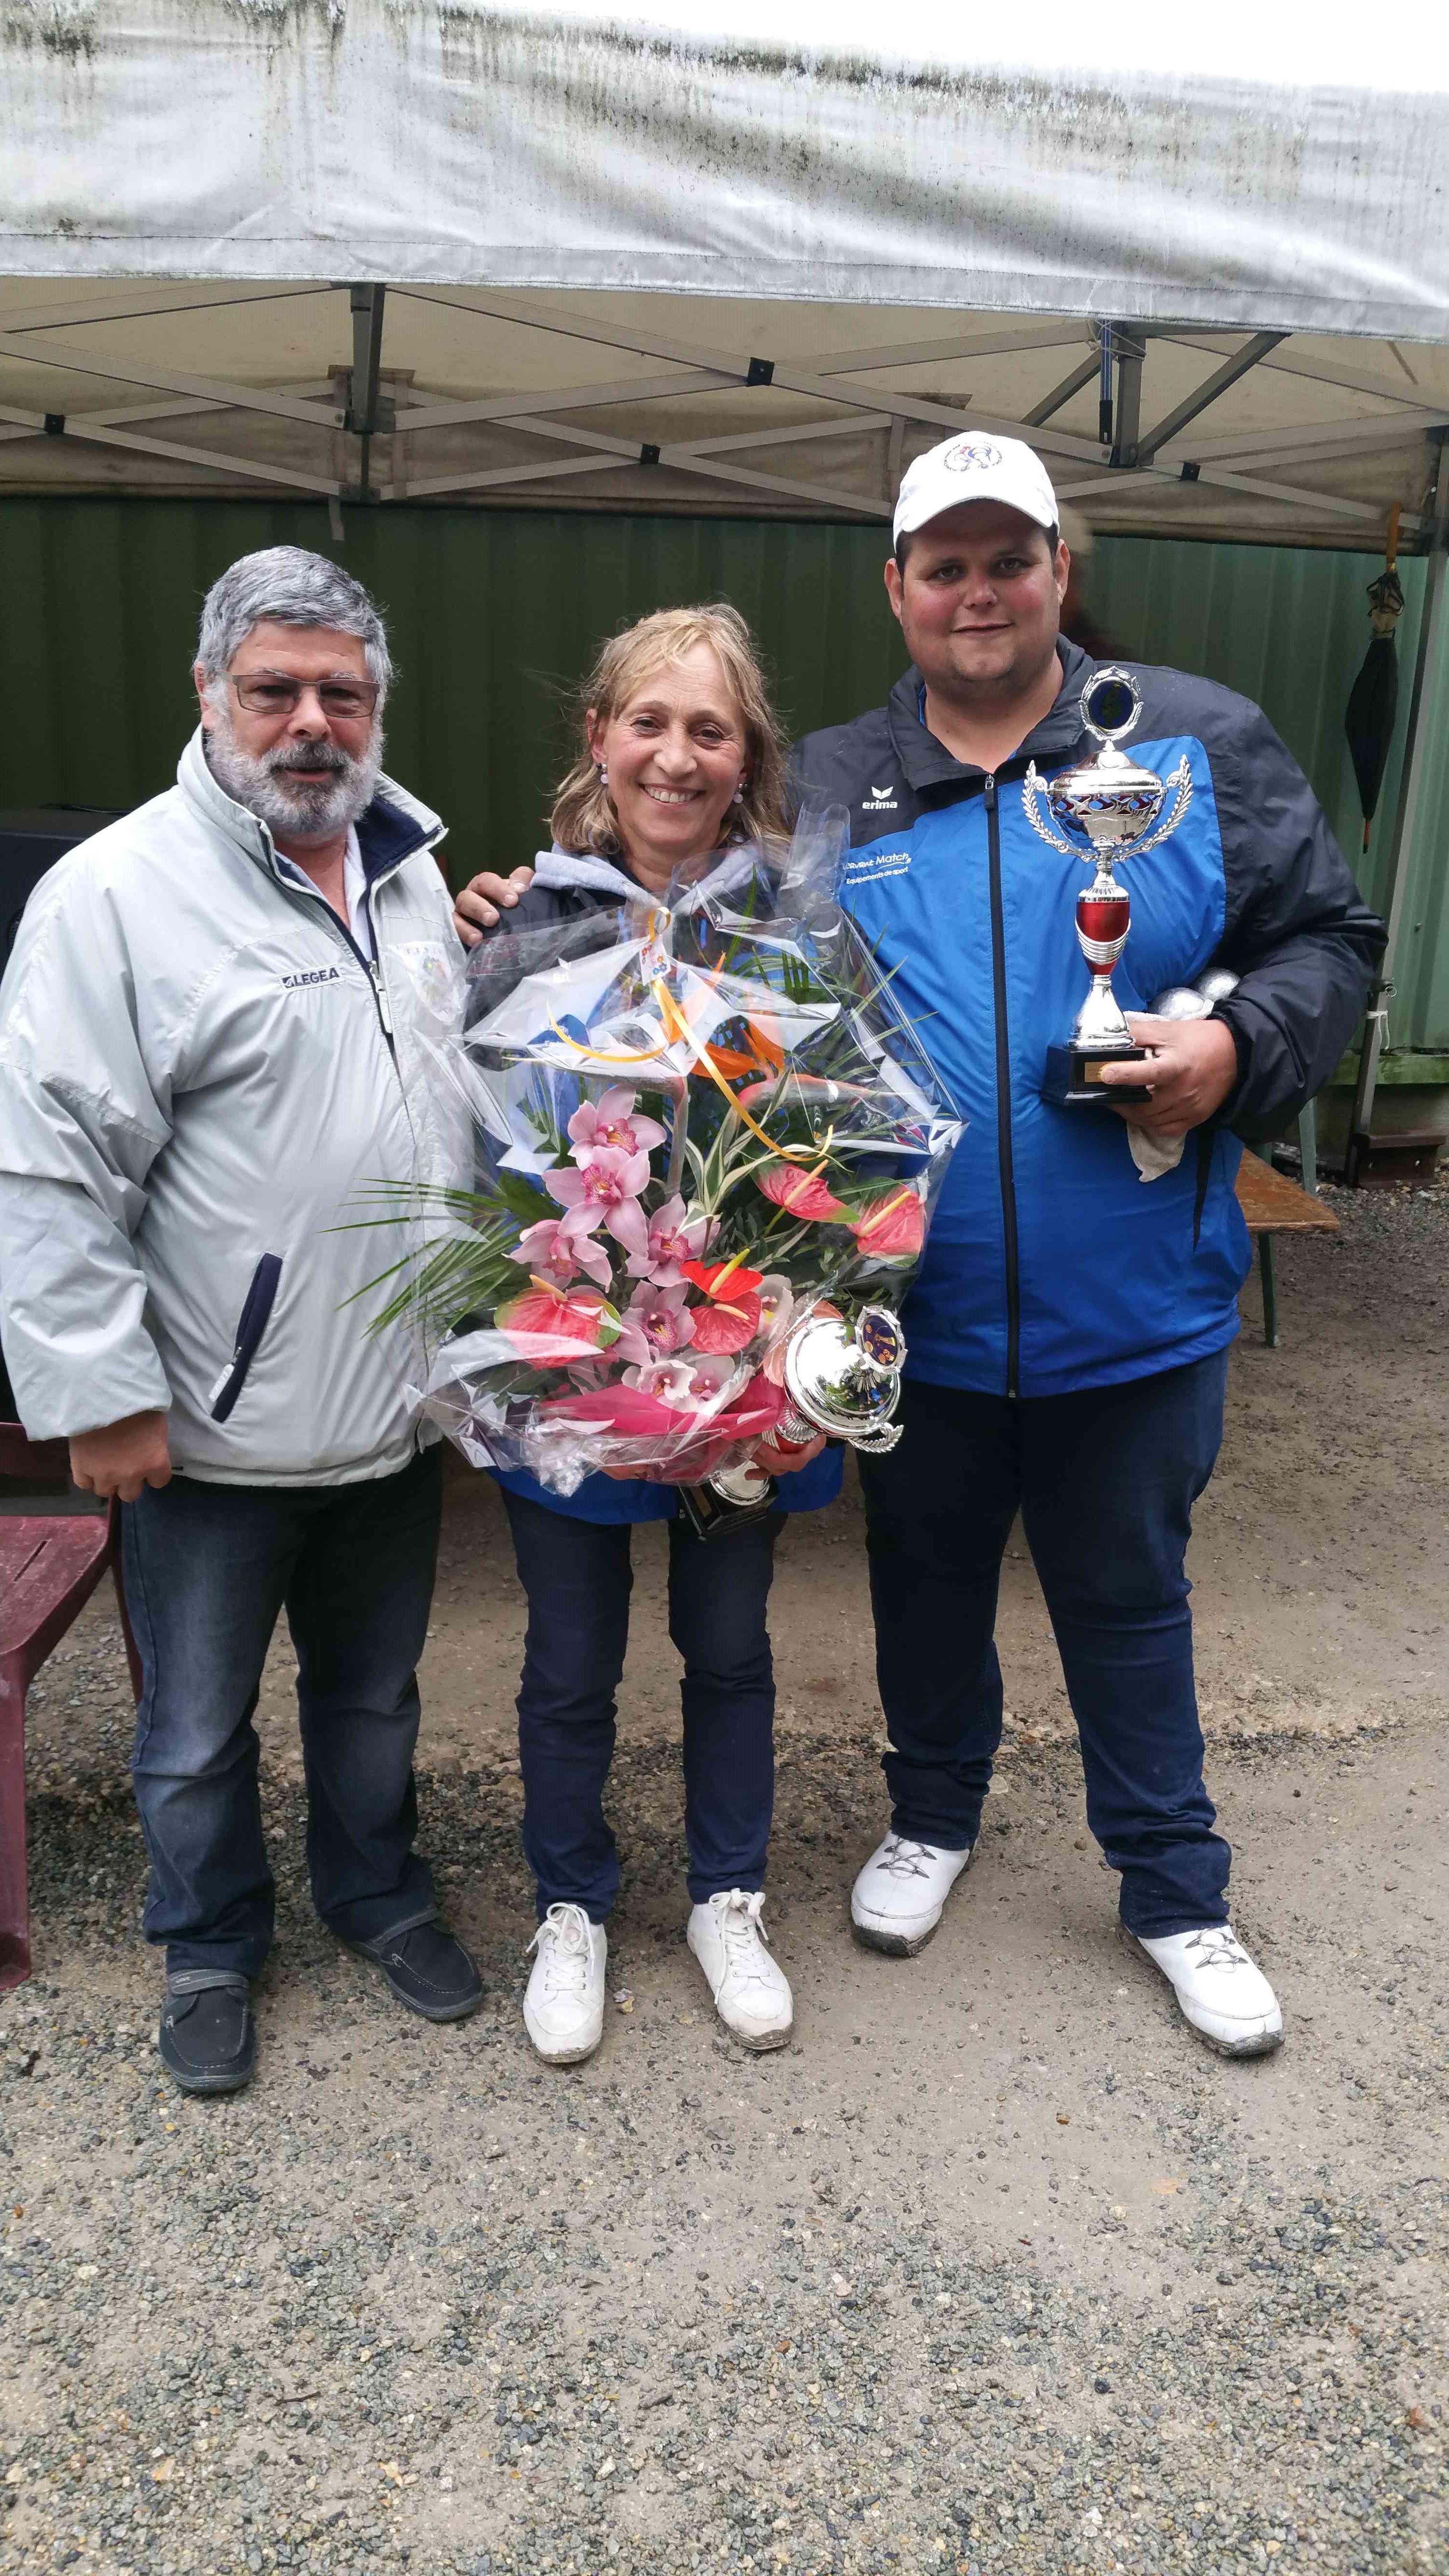 Les vainqueurs M. Pin & L. Josse du club de CBPRO avec le Président J.C Camet